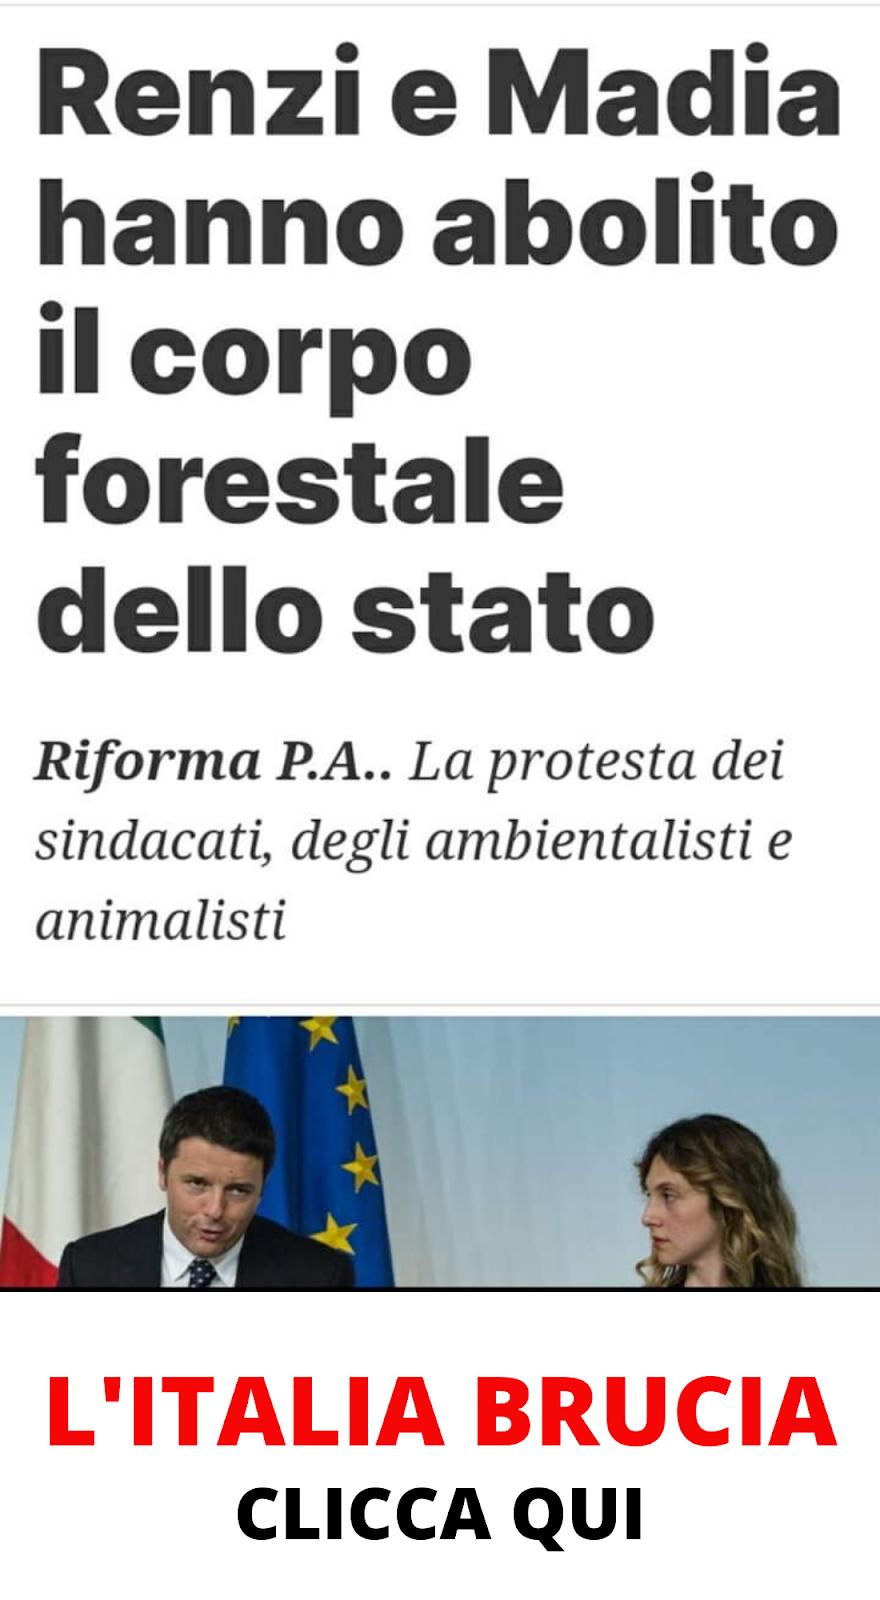 OLTRE 20 MILIONI DI ANIMALI ARSI VIVI, LA STRAGE DEI ROGHI